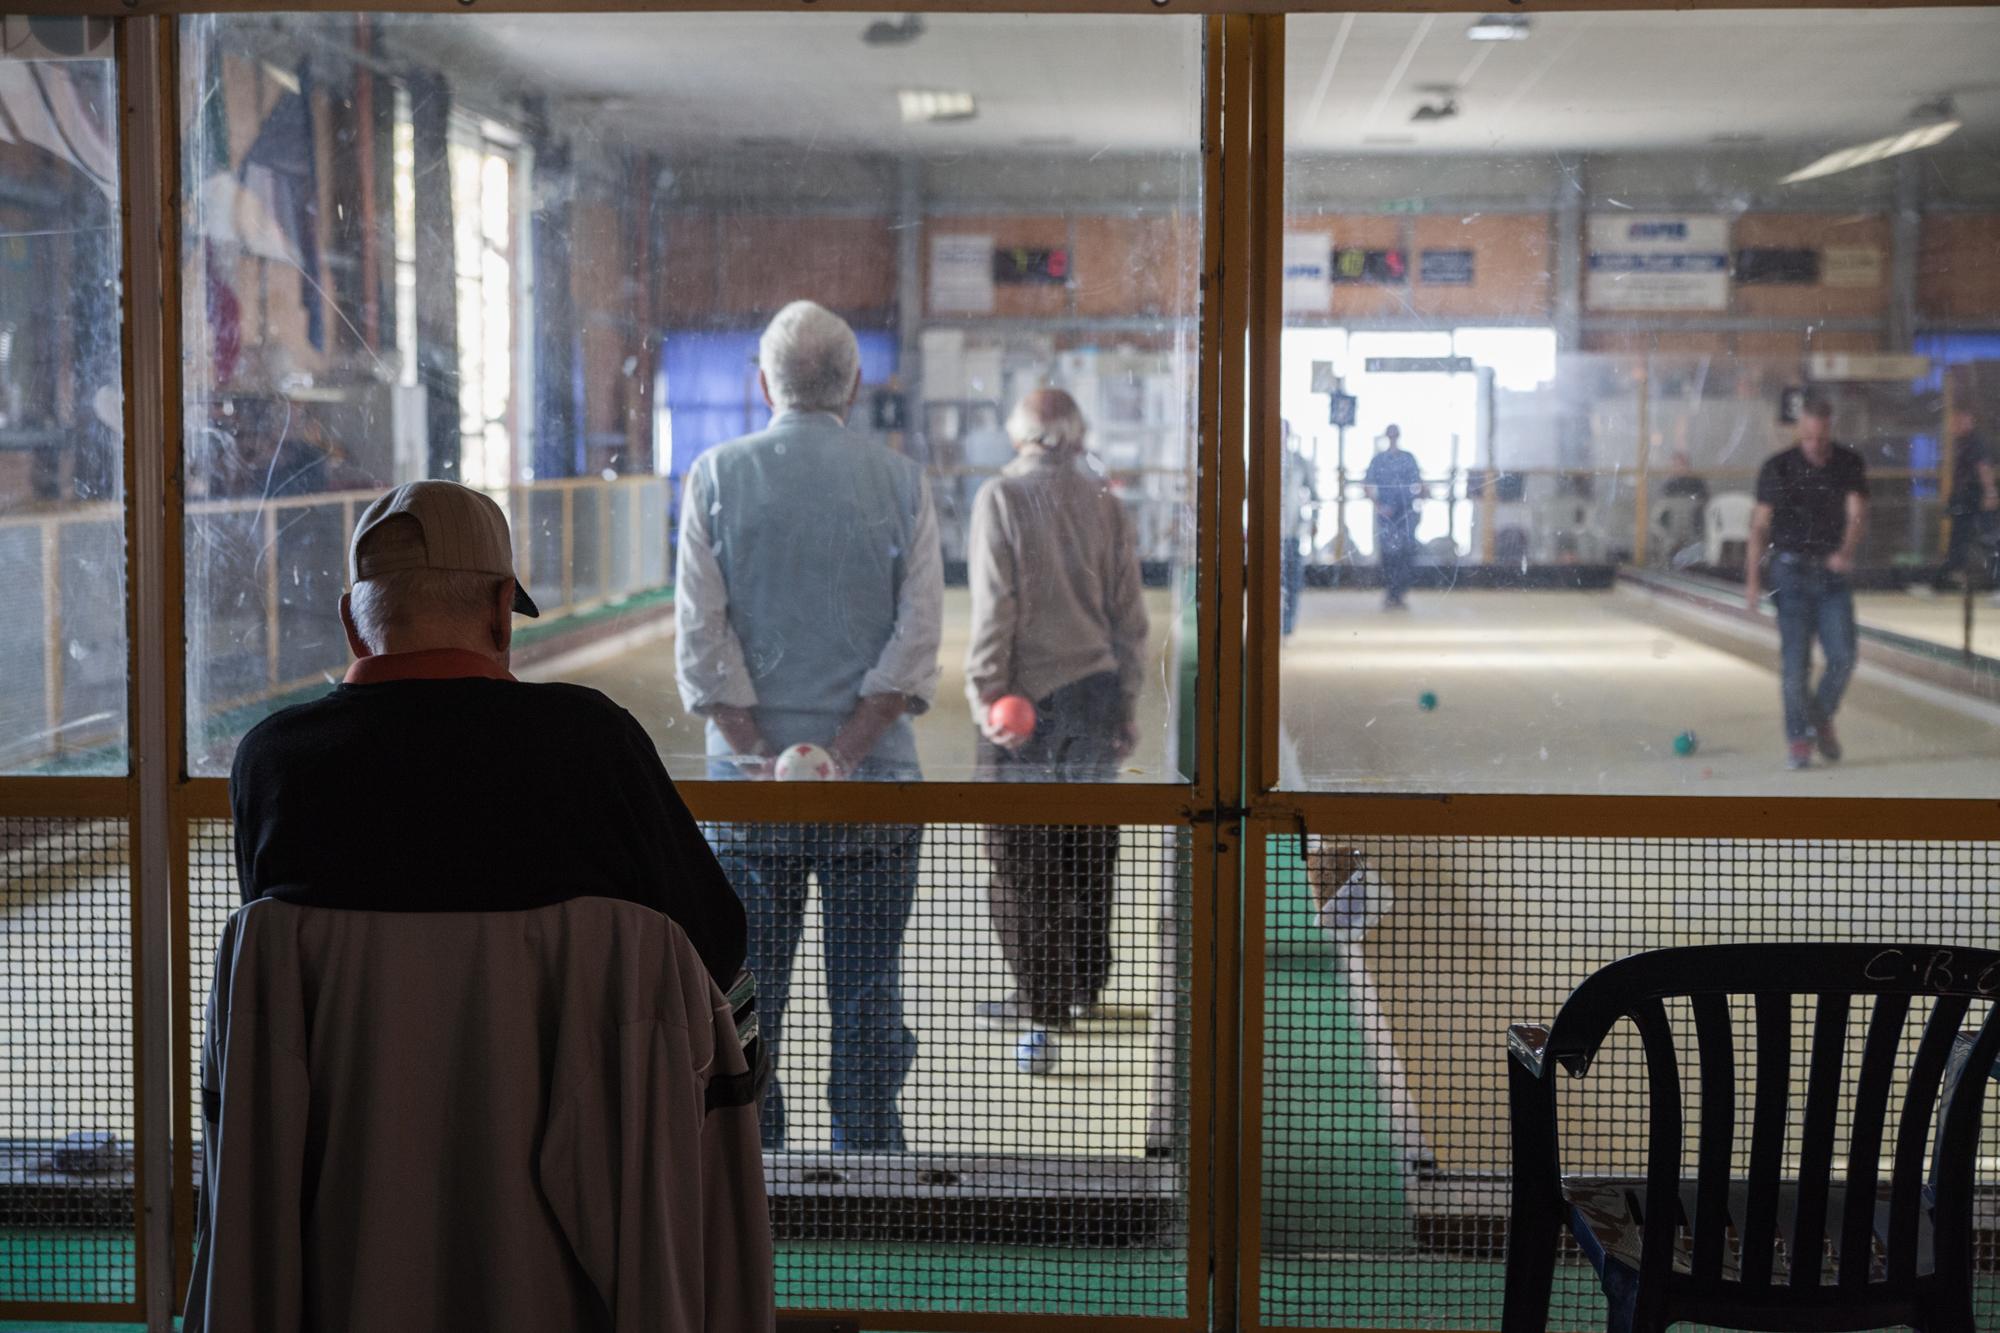 Il Circolo Bocciofilo di Orbetello (Grosseto), 2015.Molti ex-dipendenti andavano a giocare a bocce dopo il lavoro in fabbrica. Oggi, tra i pochi lavoratori vivi, molti frequentano ancora il Circolo.